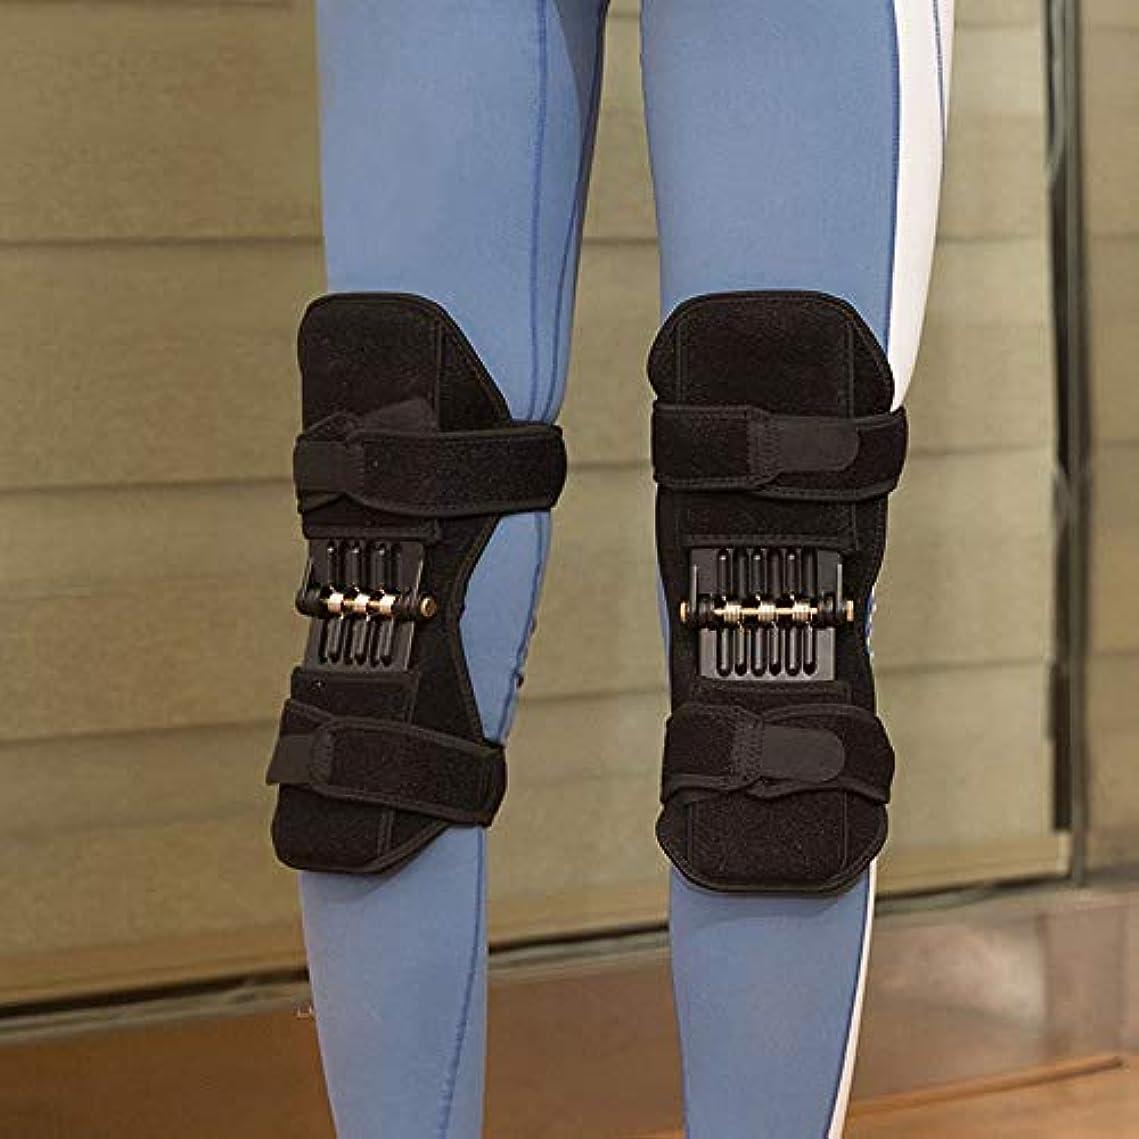 擁する参照カップ1 ペアスポーツ 春の膝 ストラップ 登山 ランニング 膝 ブースター 膝 パッド 膝関節保護 マッサージツール